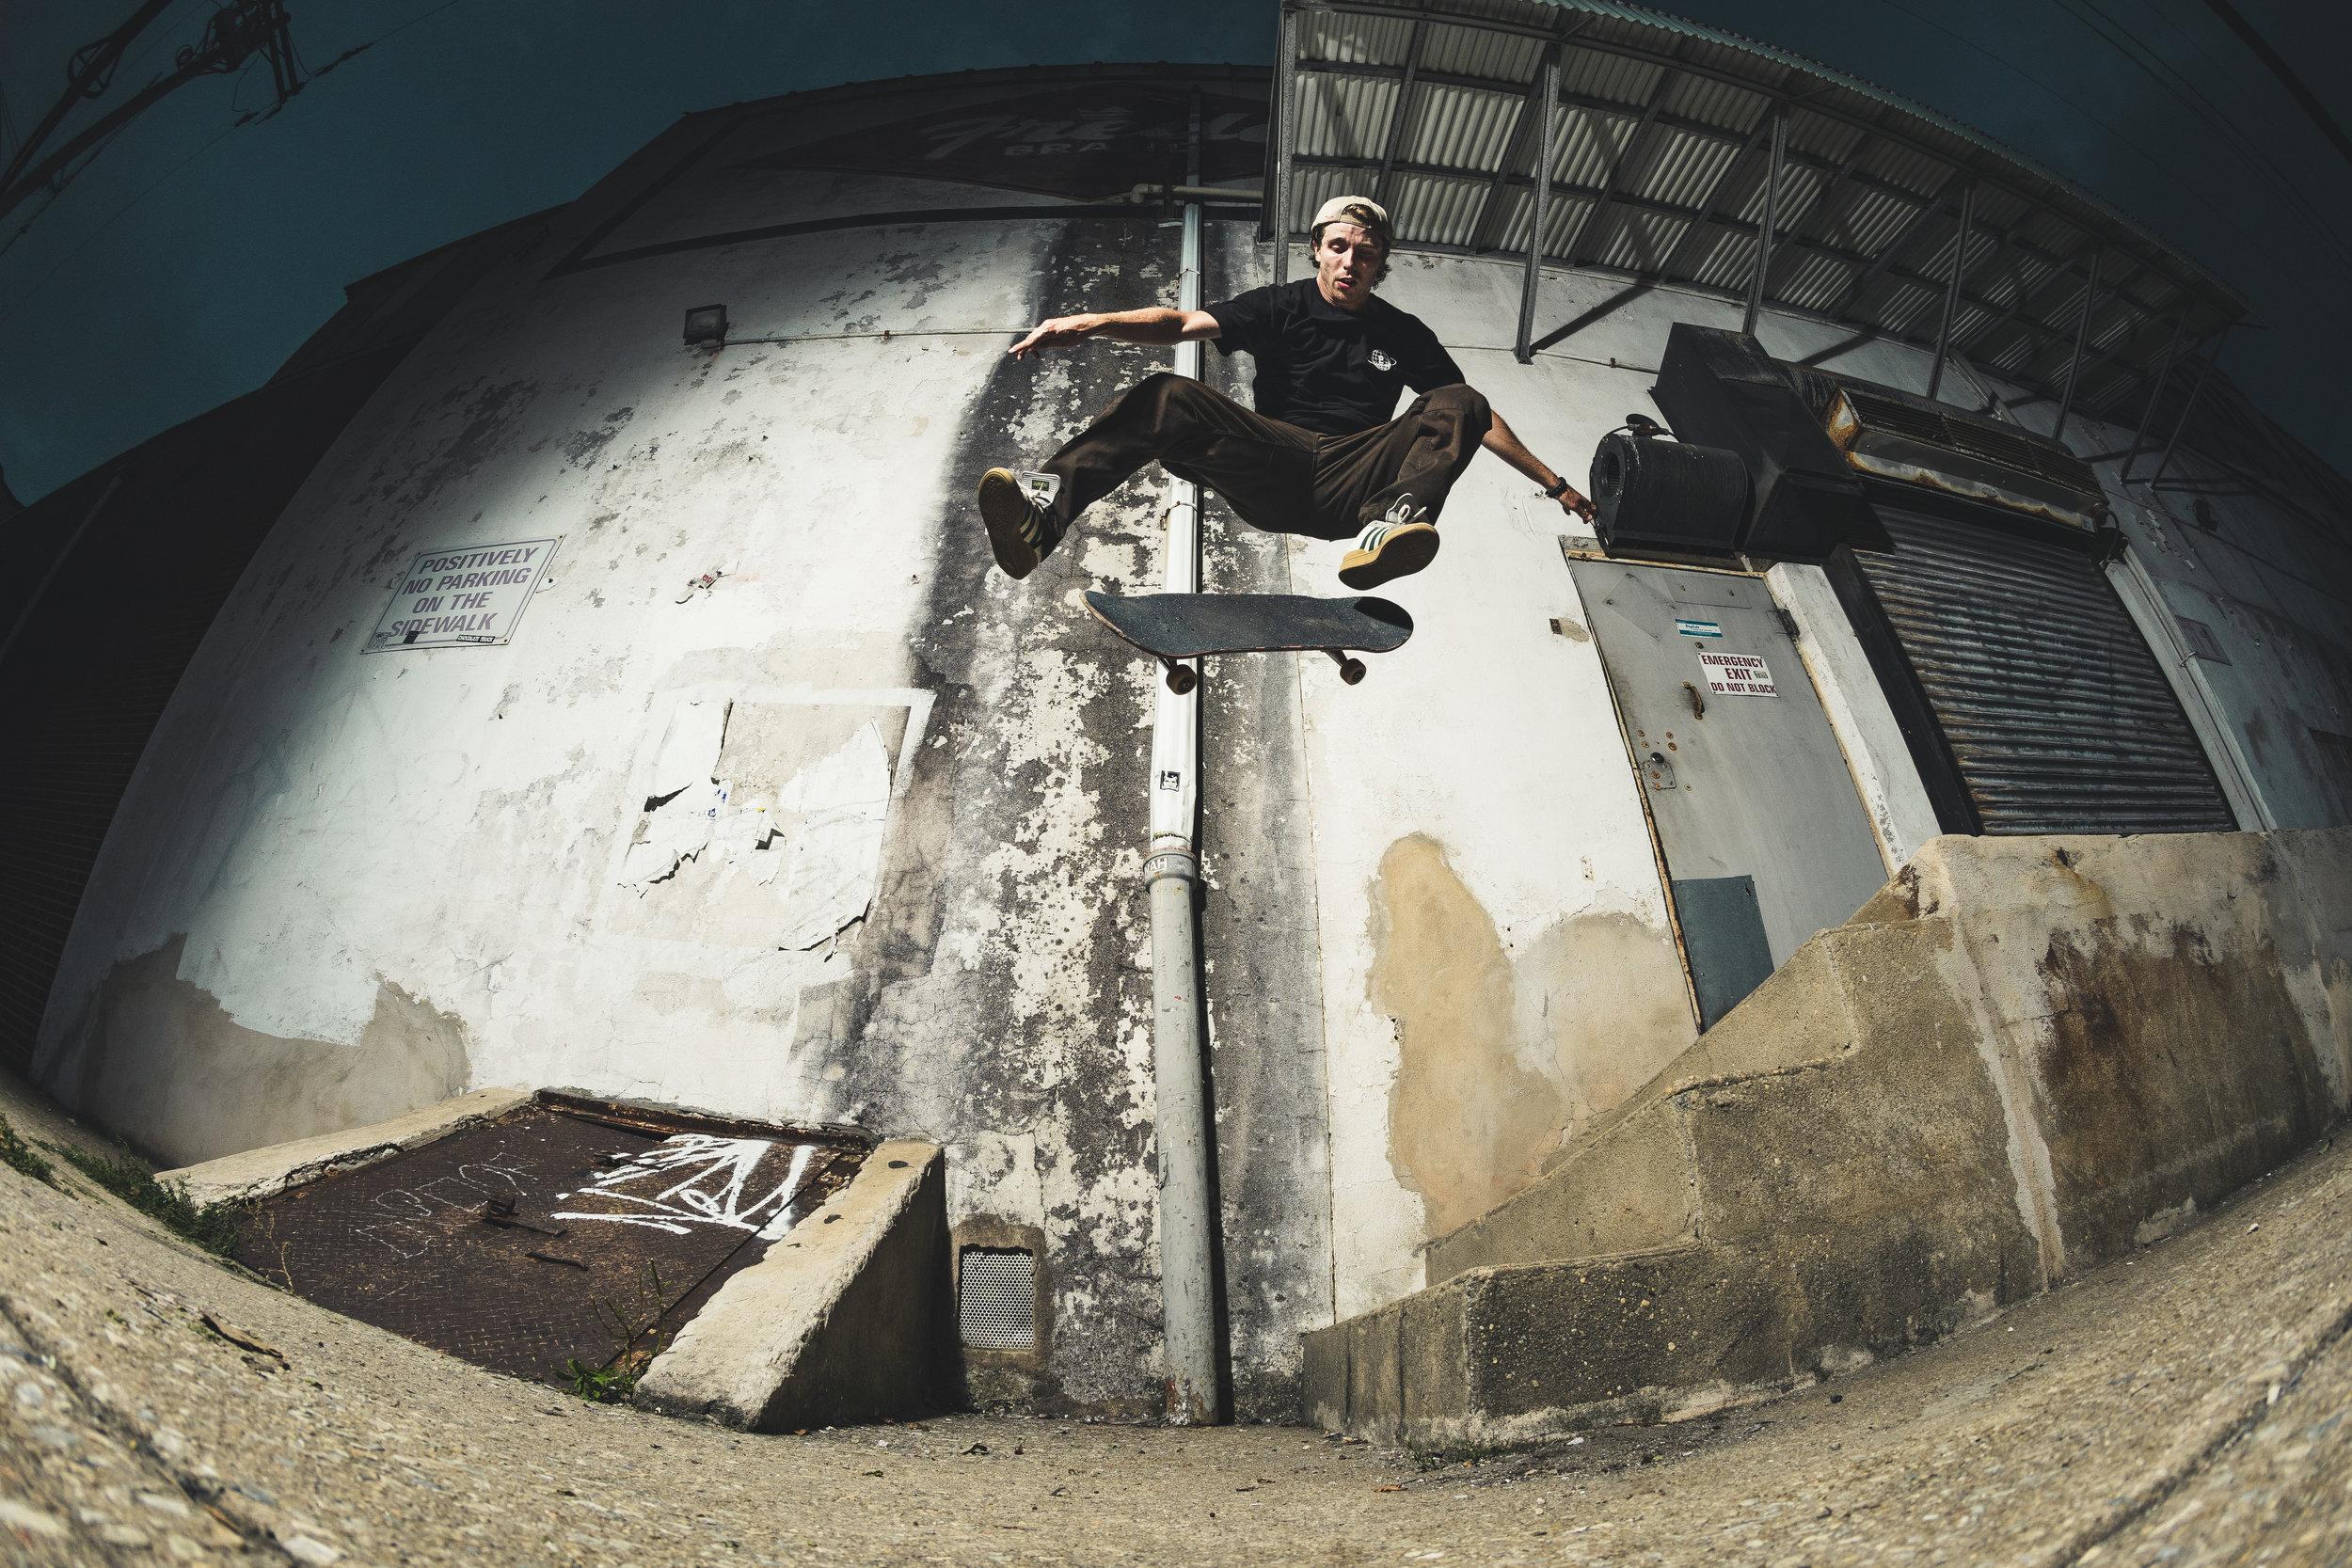 Skateboarding-102.jpg